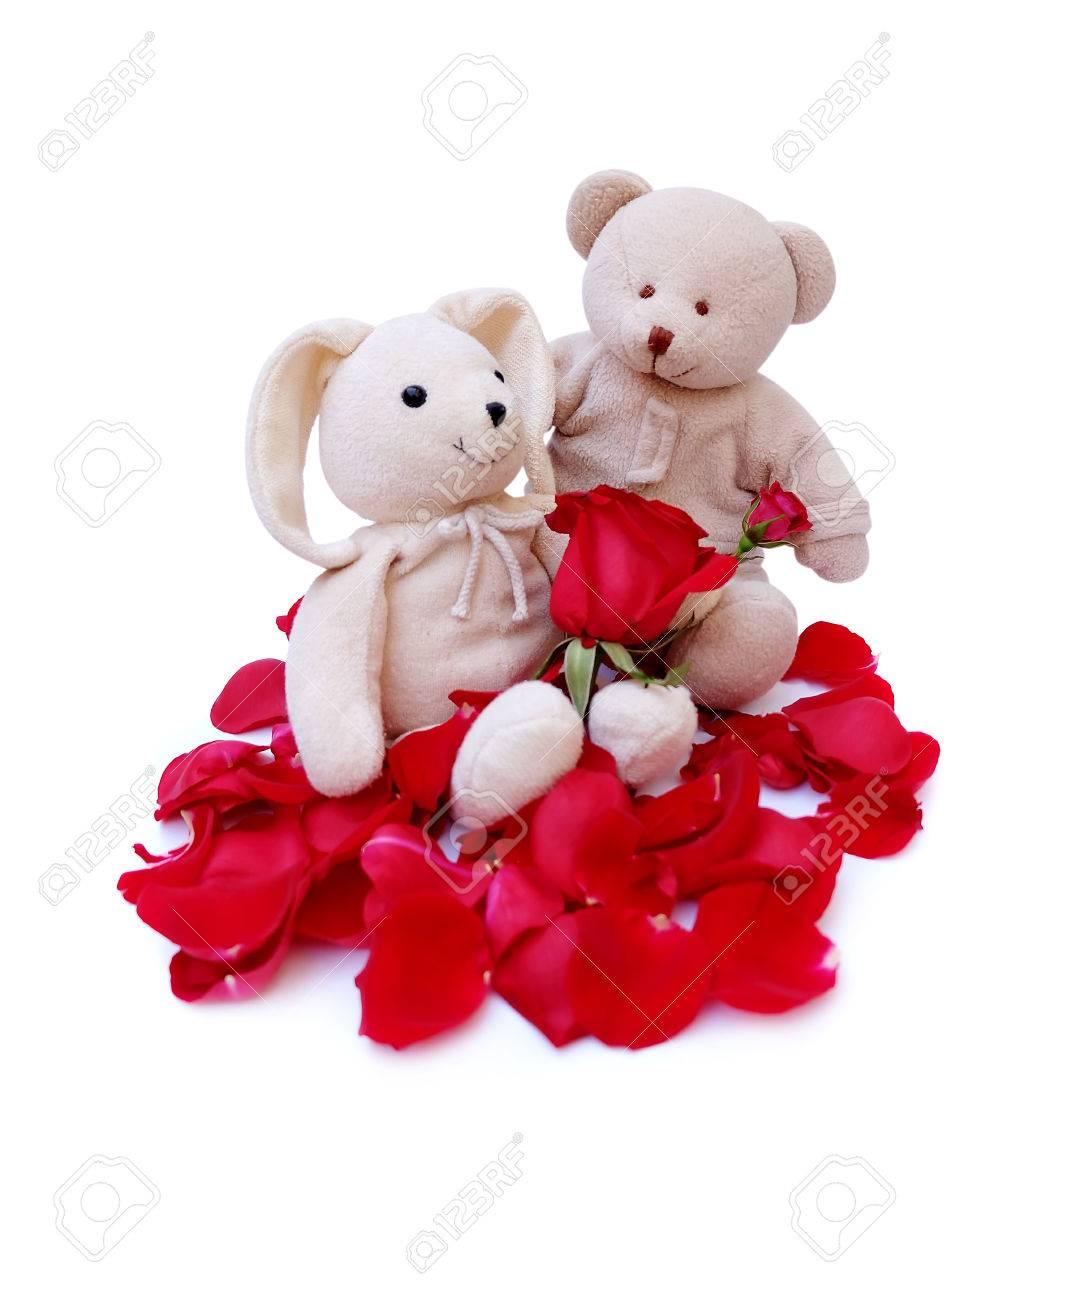 Lindo Oso De Peluche Sostenga Rosas Rojas Para Alguien Especial En Un Día Específico